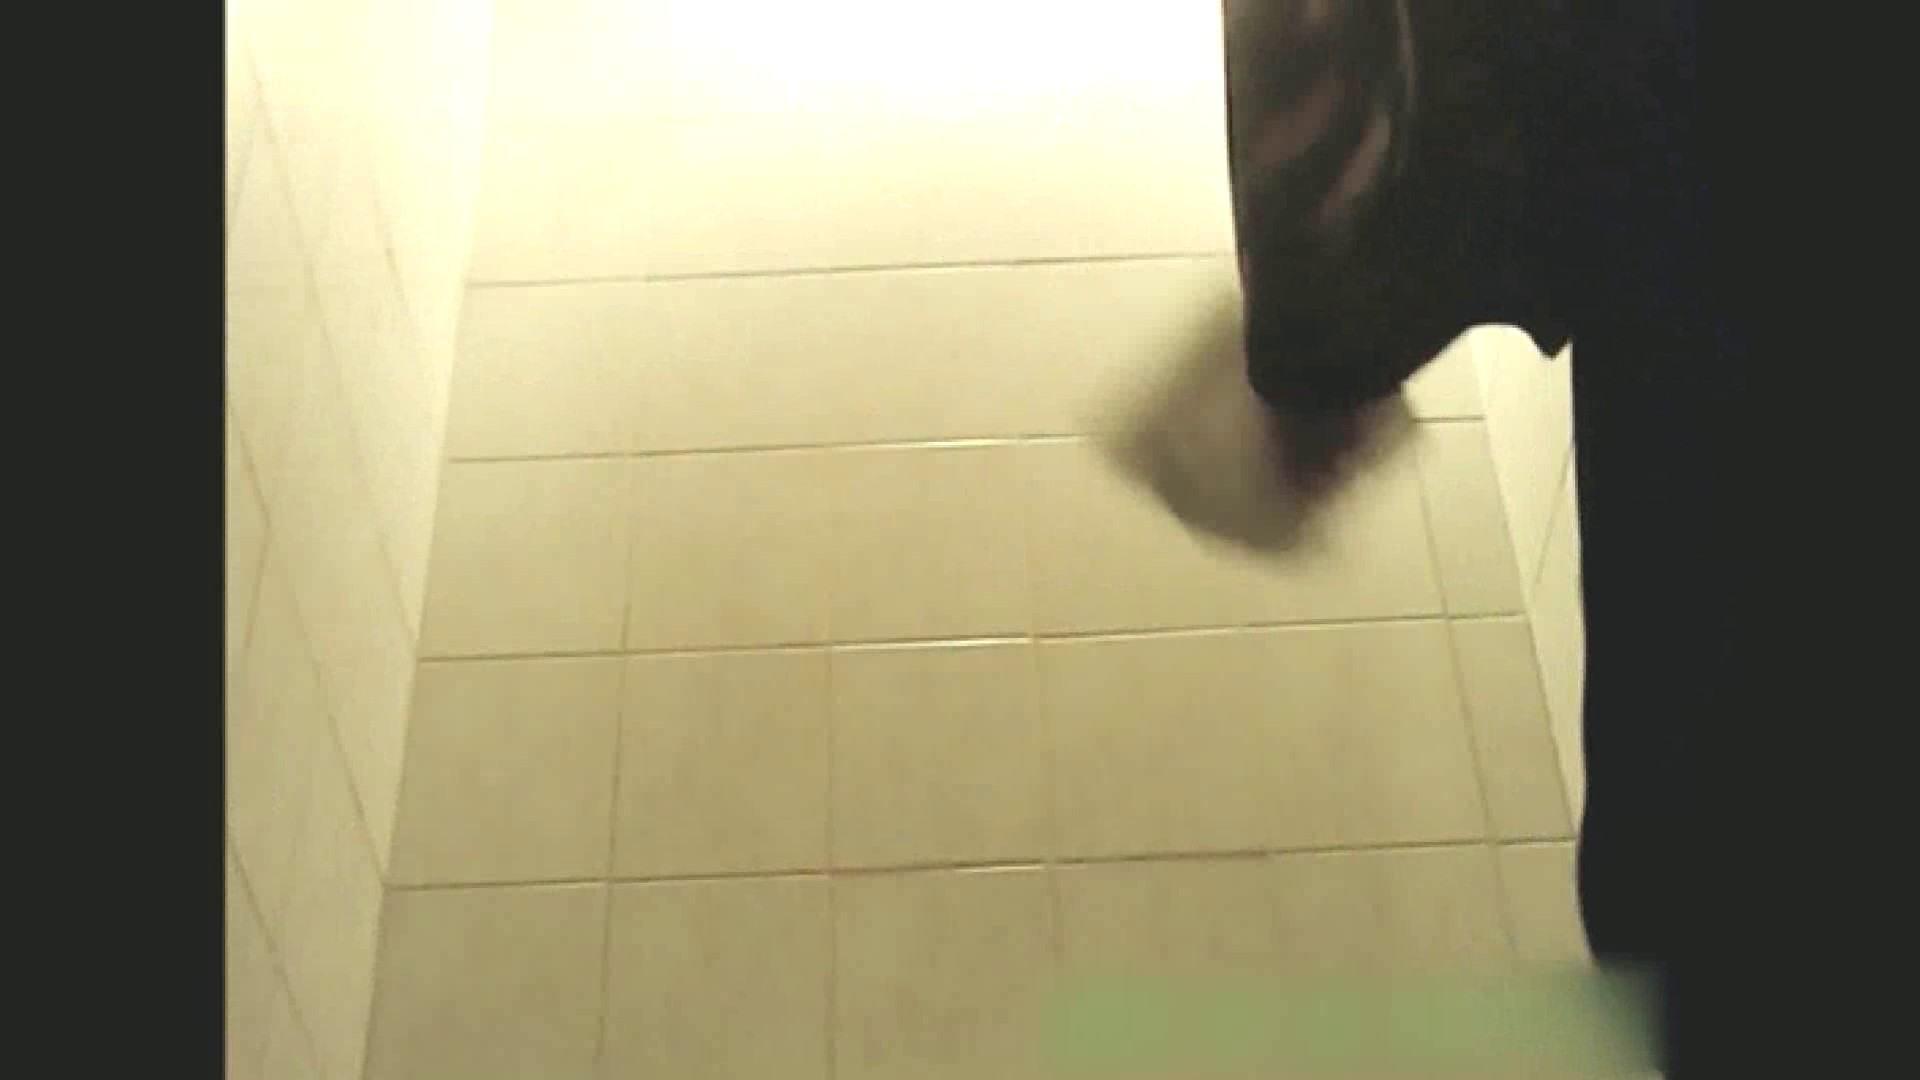 実録!!綺麗なお姉さんのトイレ事情・・・。vol.13 お尻 隠し撮りオマンコ動画紹介 105pic 83